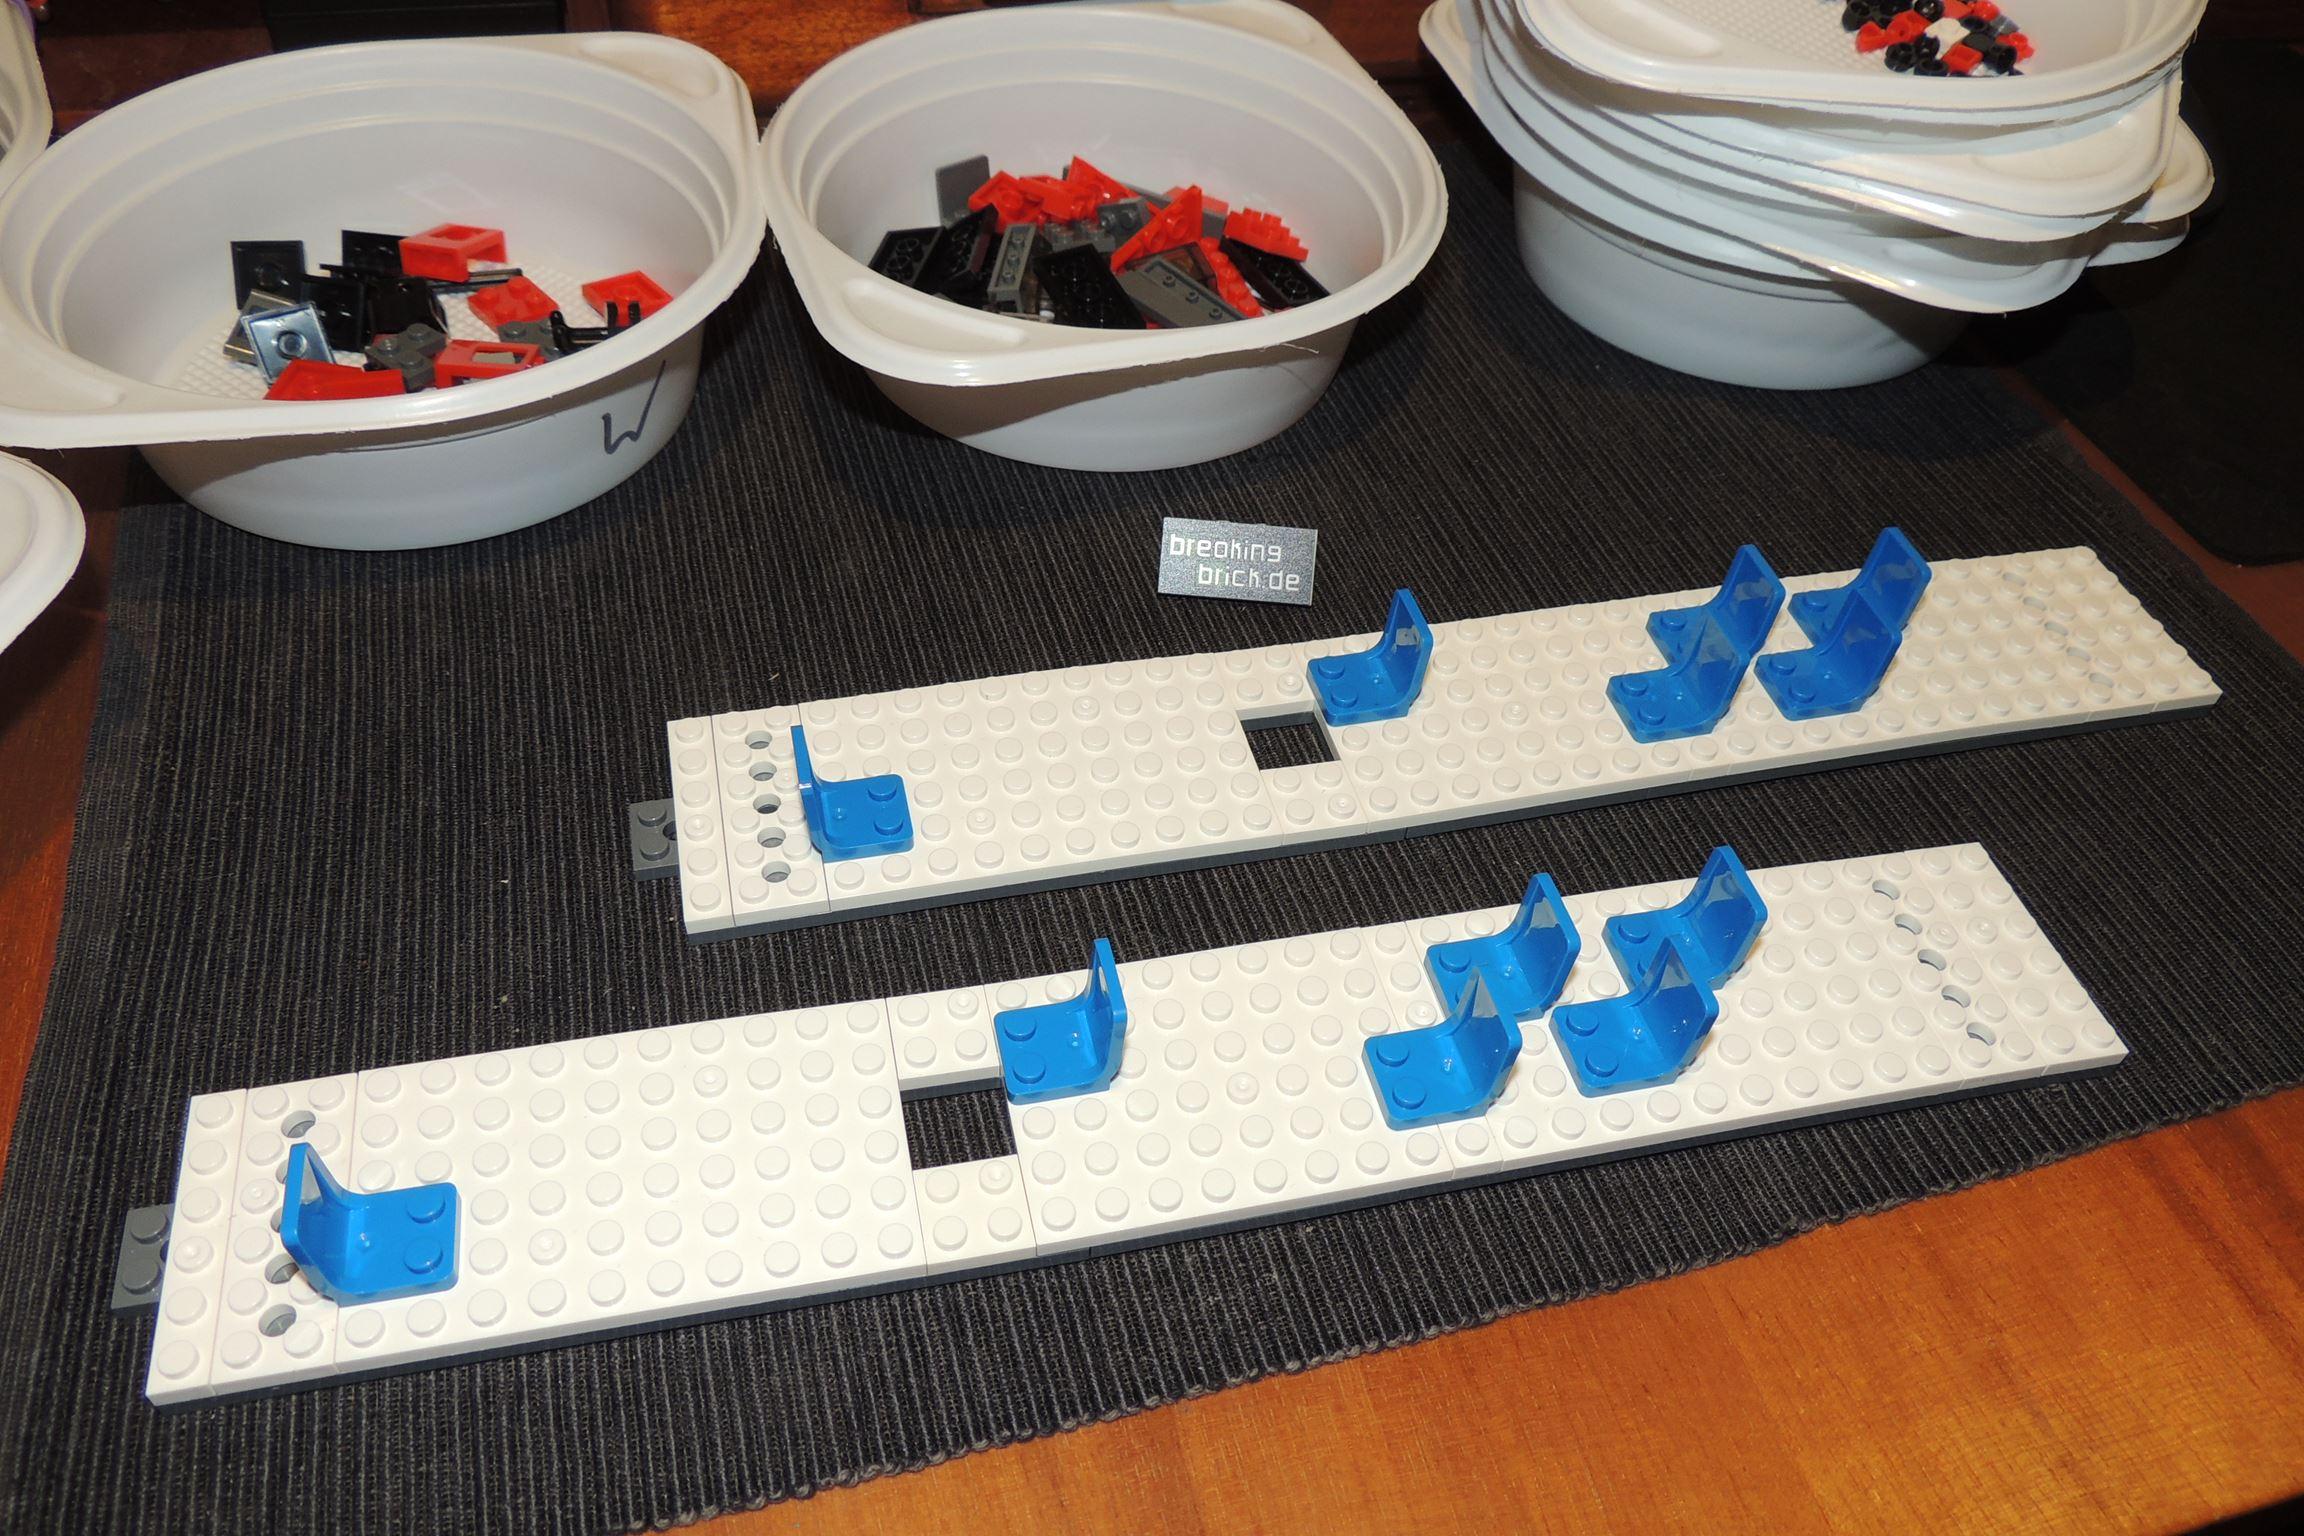 Die blauen Stühle sind die einzigen blauen Teile. Kein blauer Stein dabei.